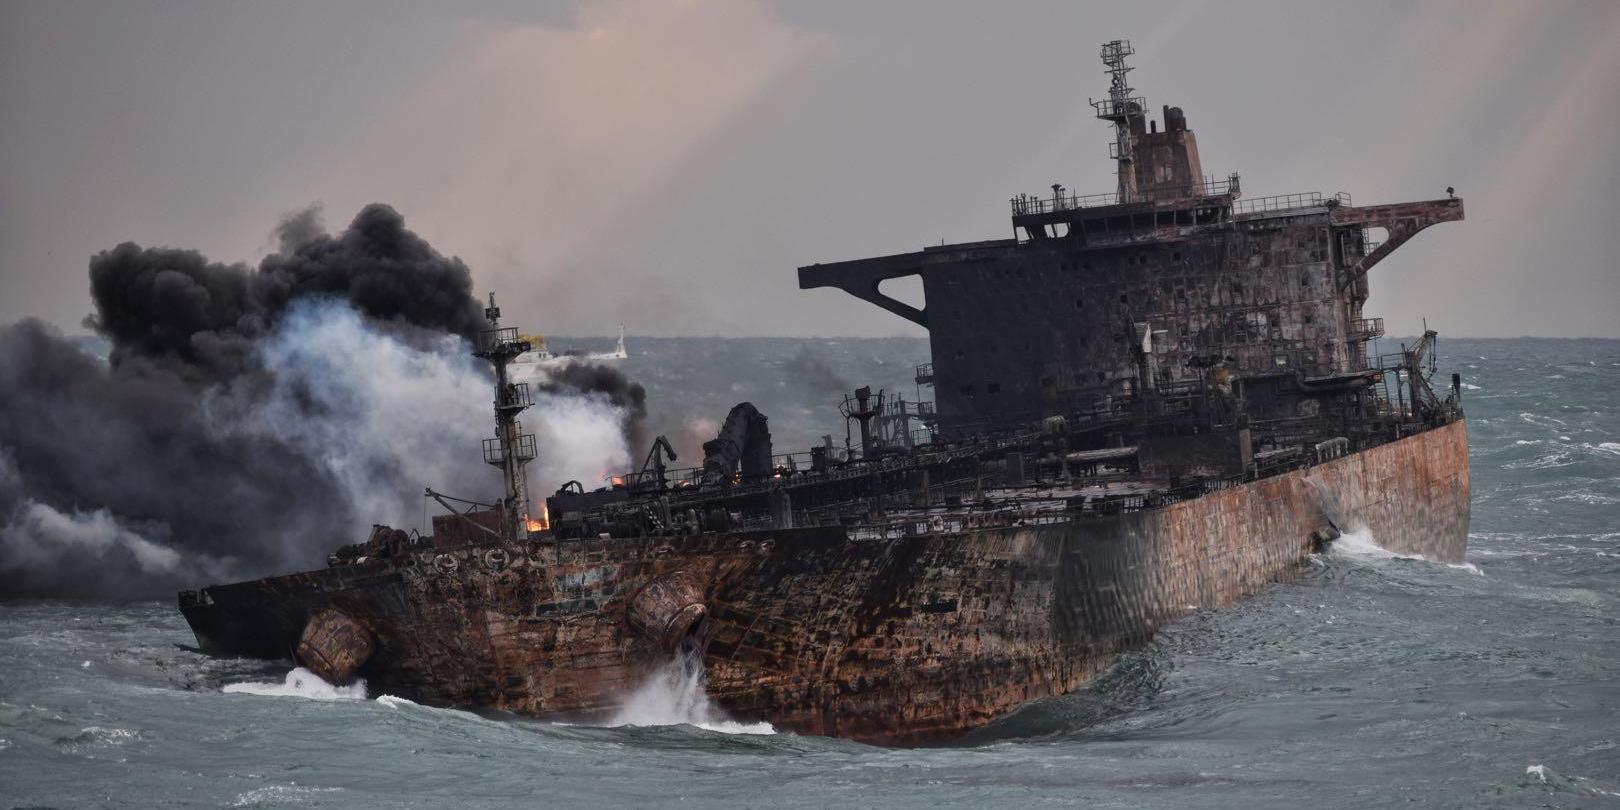 معاون دریایی سازمان بنادر: مصاحبه با خدمه کشتی چینی از جمعه آغاز میشود